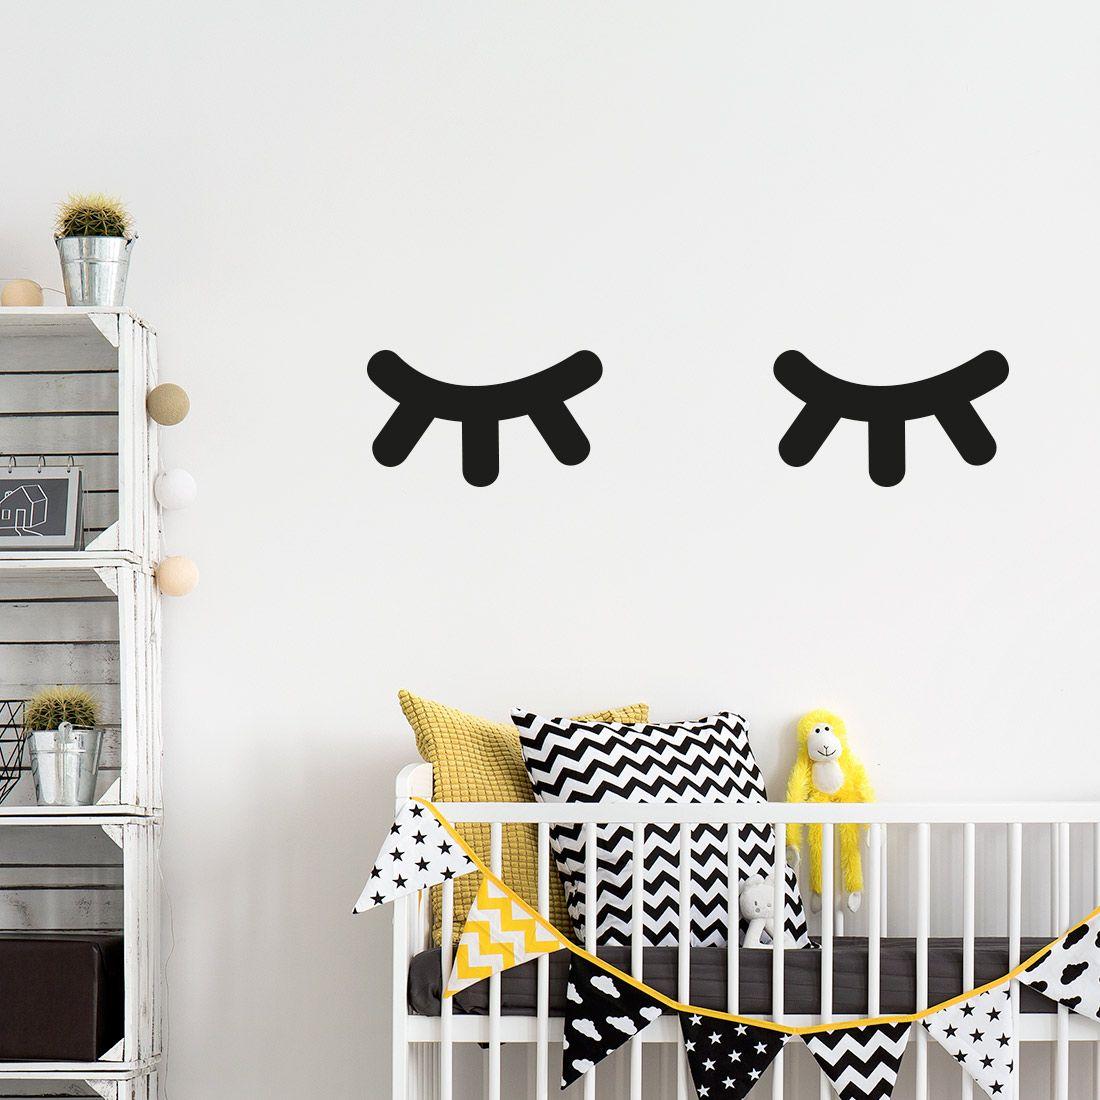 Slapende Ogen Muurstickers Kies Kleur Formaat Gratis Verzending Muurstickers Babykamer Decoratie Babykamer Stickers